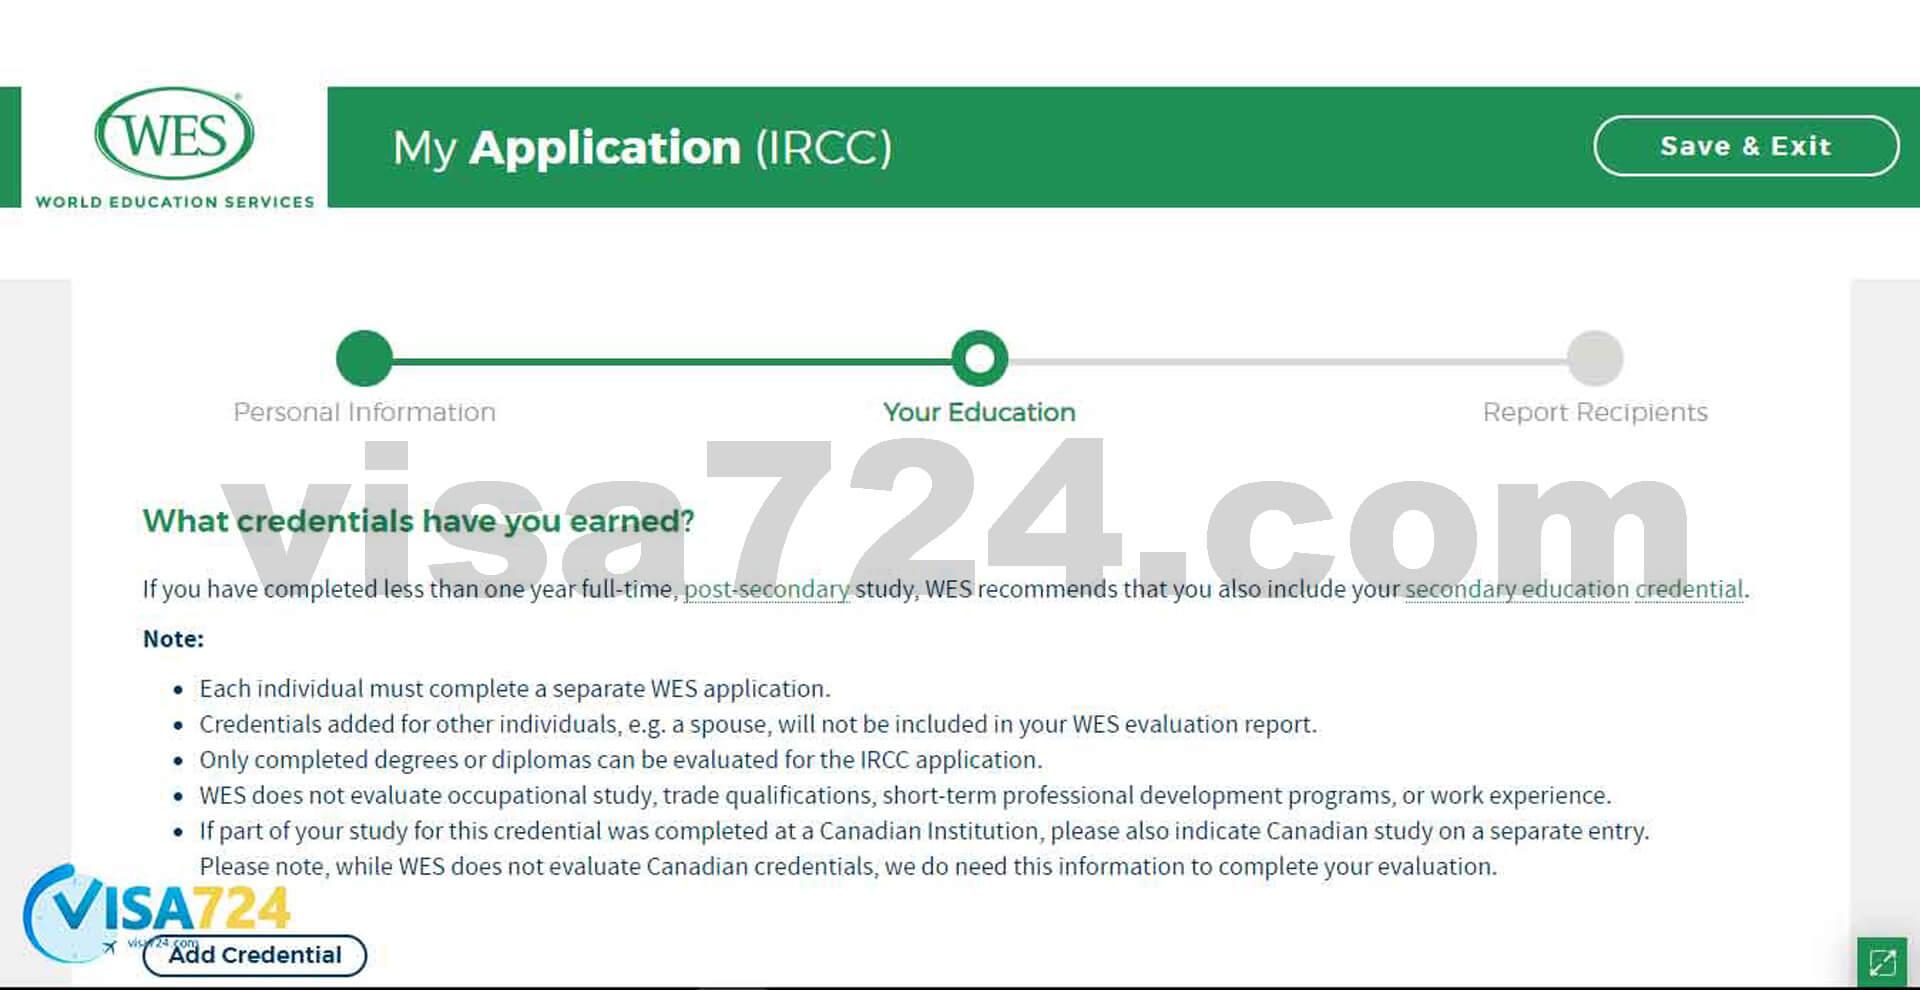 تصویر هشتم از مراحل آموزش نحوه دریافت تأییدیه از WES کانادا